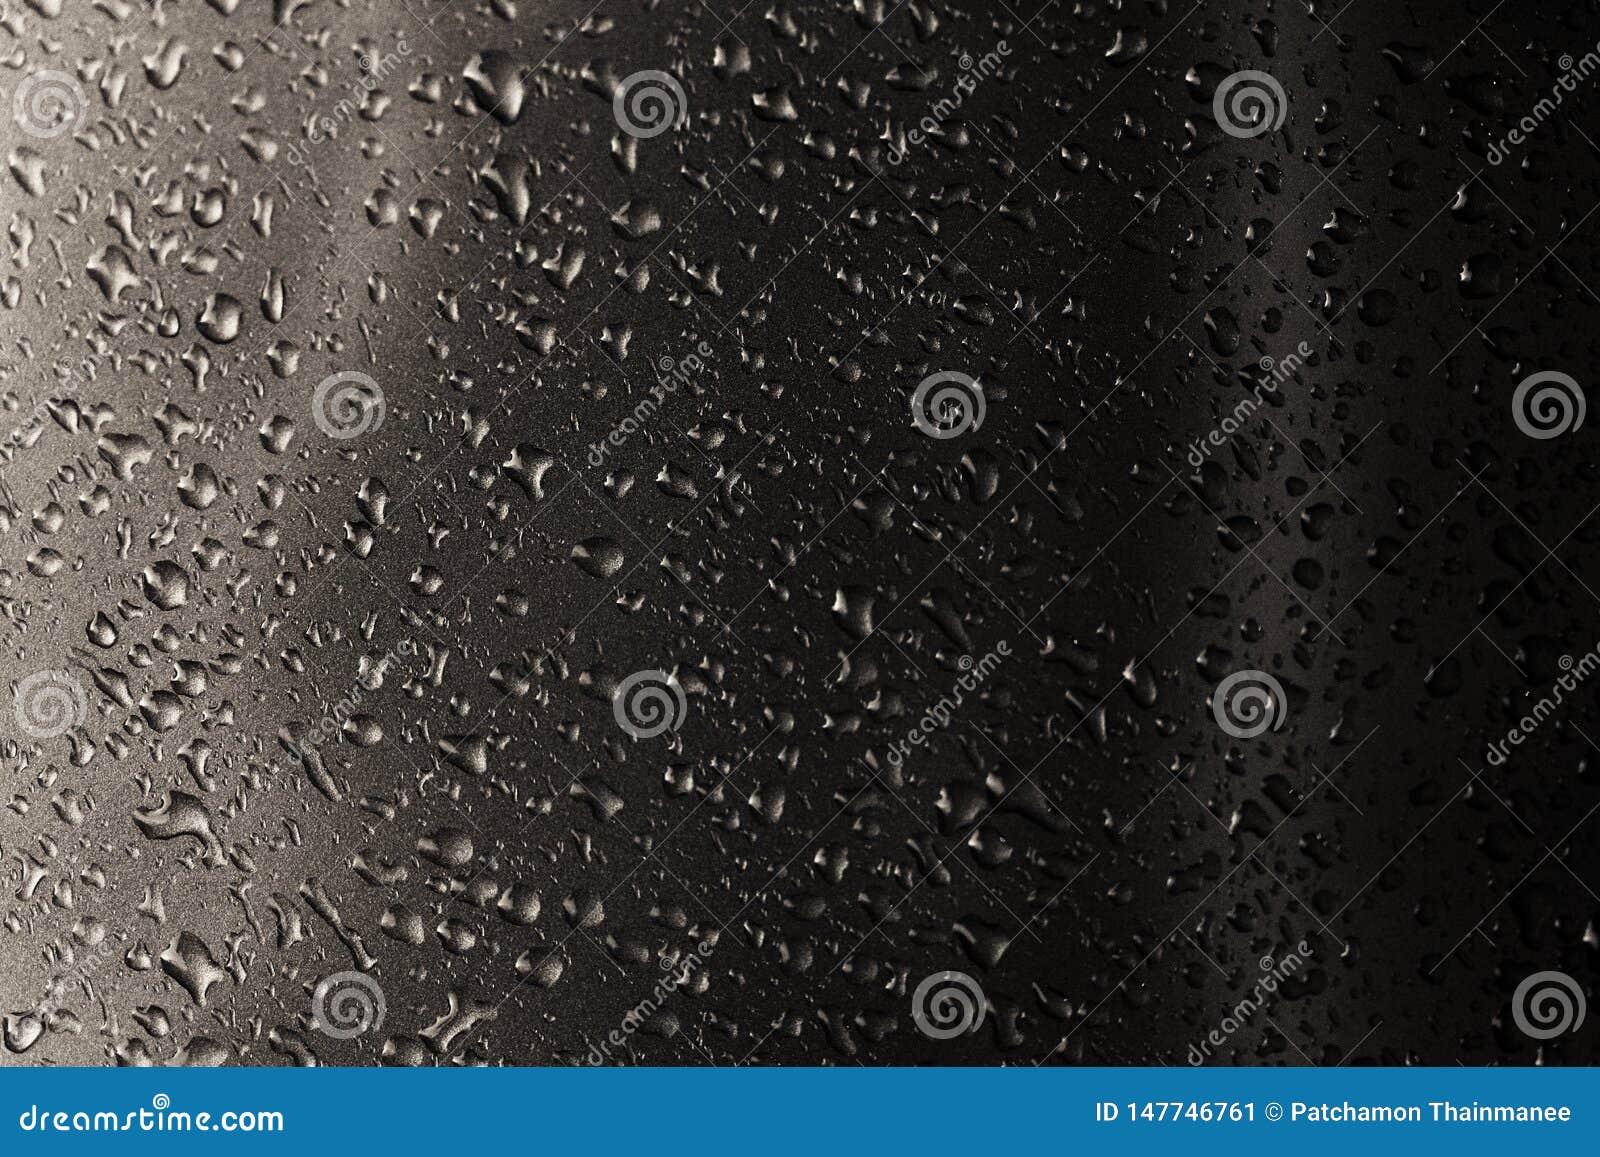 Photo en gros plan, gouttes de pluie, gouttes de pluie, images noires et blanches, r?sum?, milieux, textures, espace vide de copi